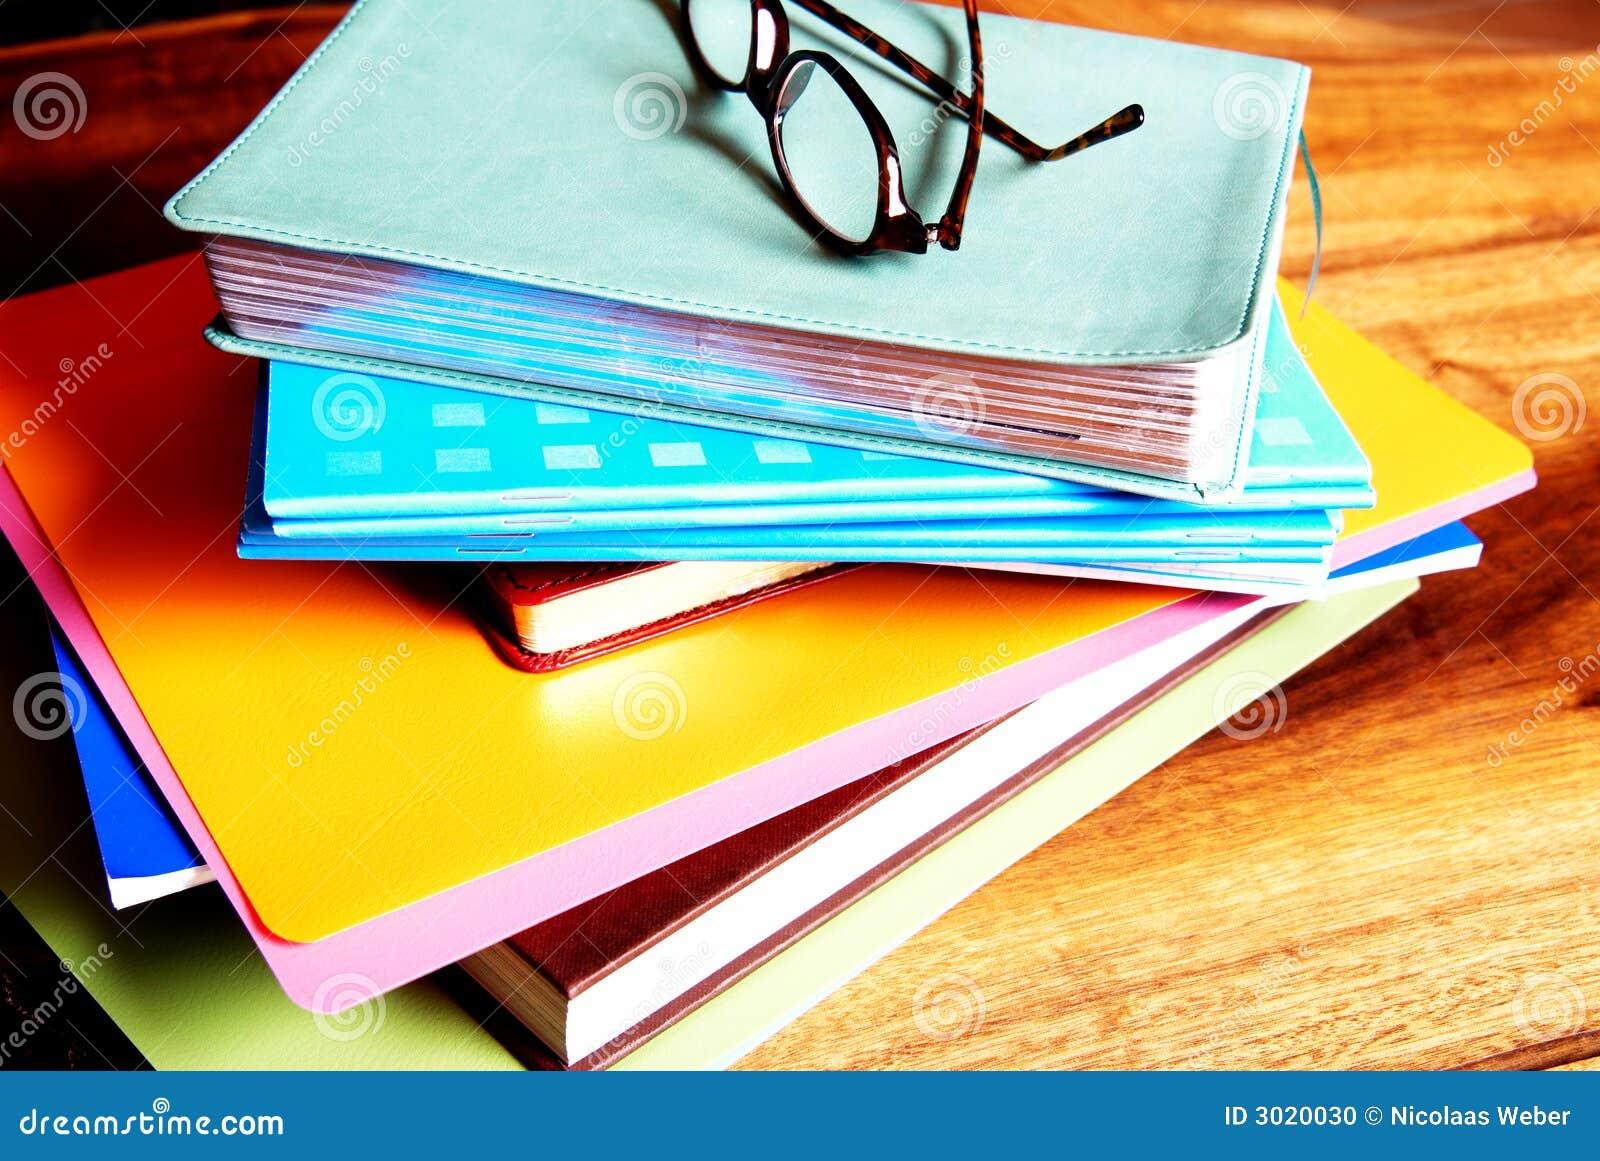 Glaces sur une pile des livres